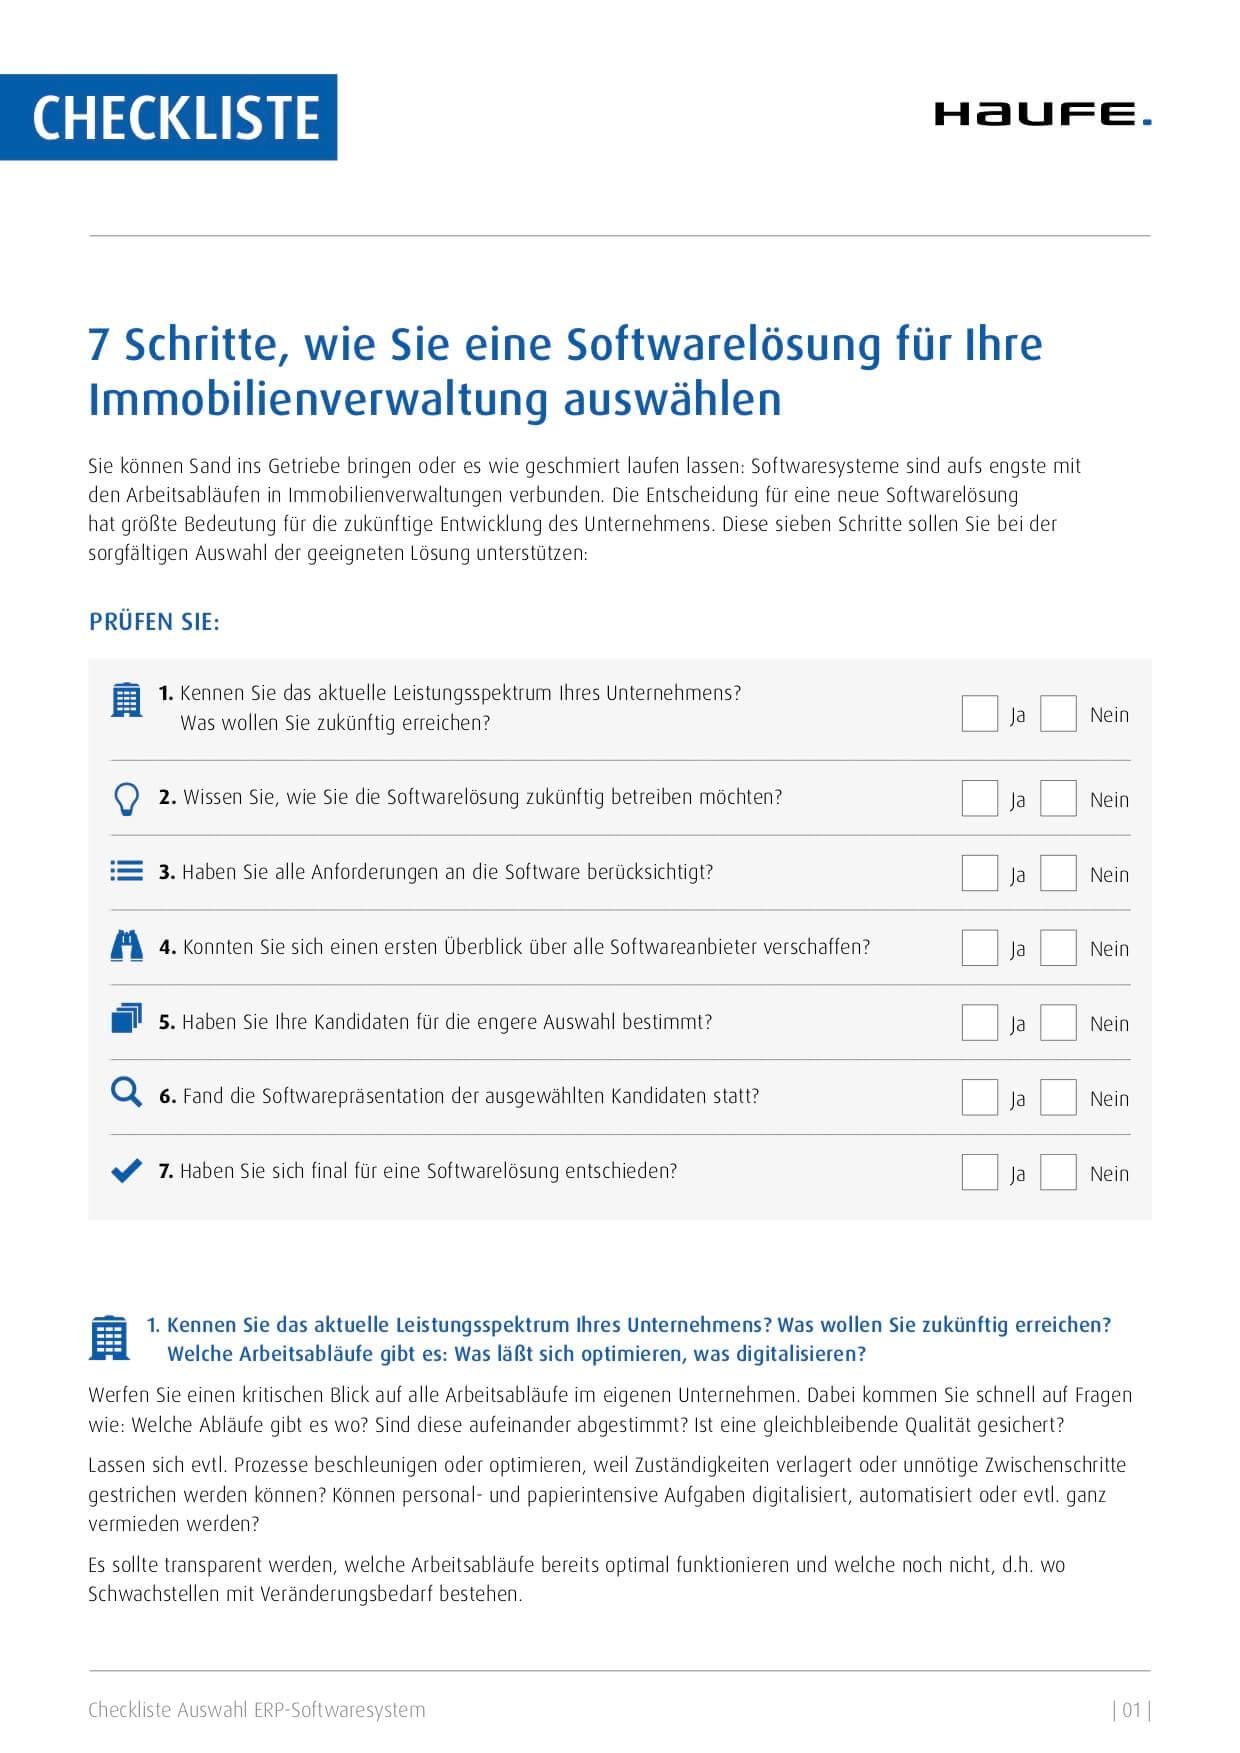 Die sieben Fragen zur richtigen Softwareauswahl als Checkliste